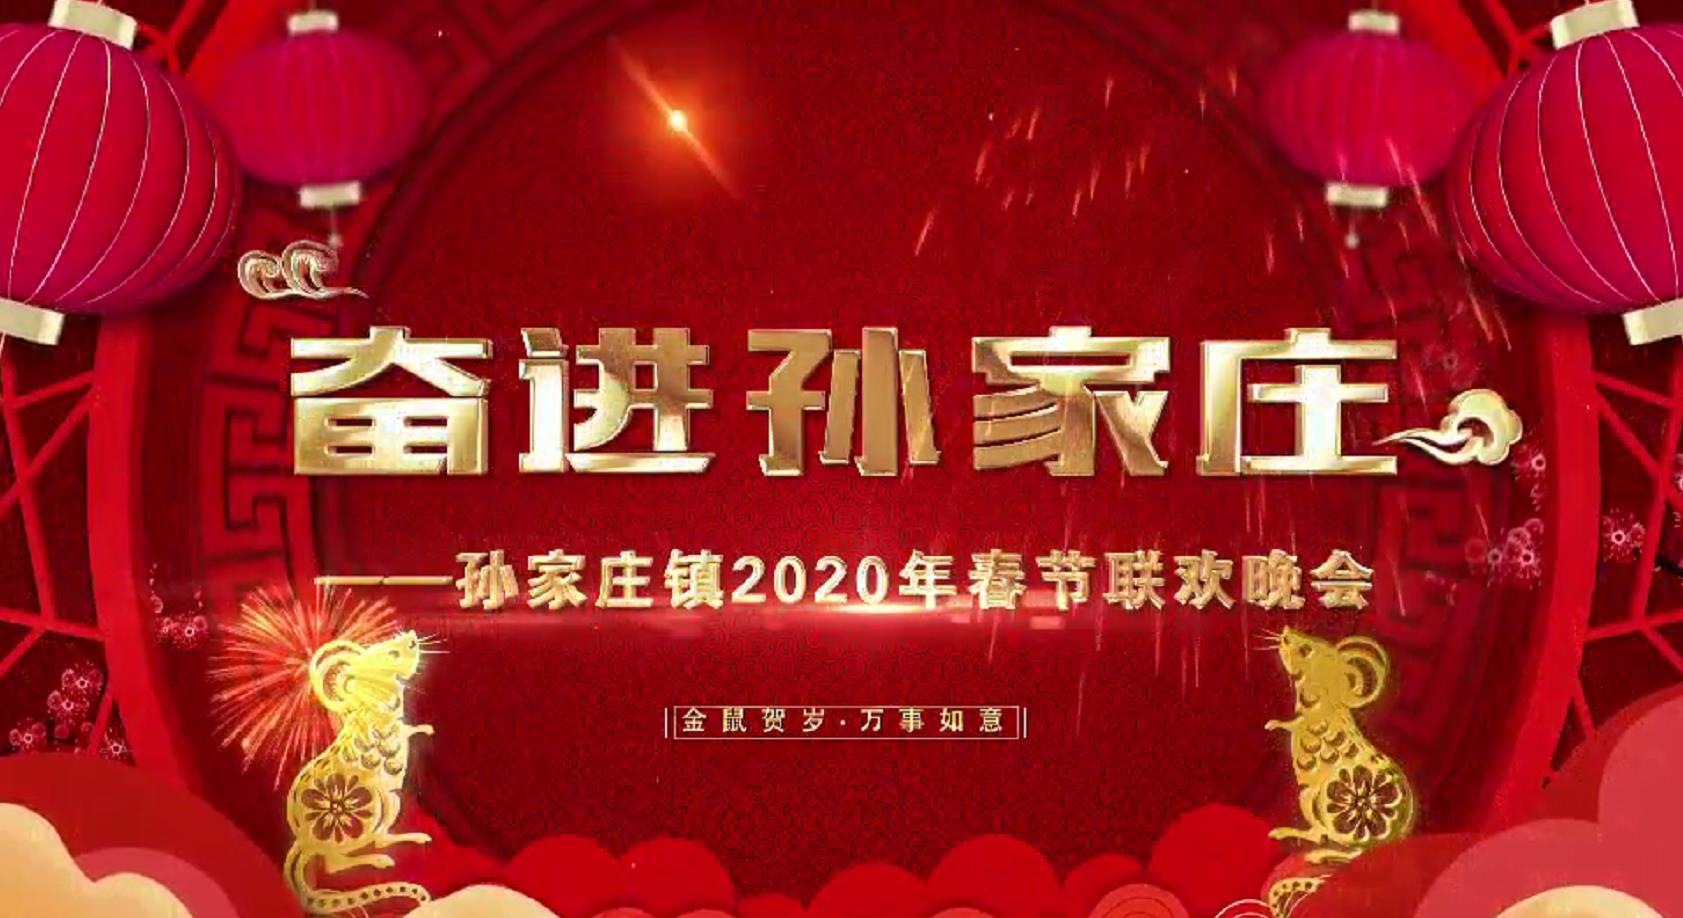 【現場直播】奮進孫家莊·孫家莊鎮2020年春節聯歡晚會